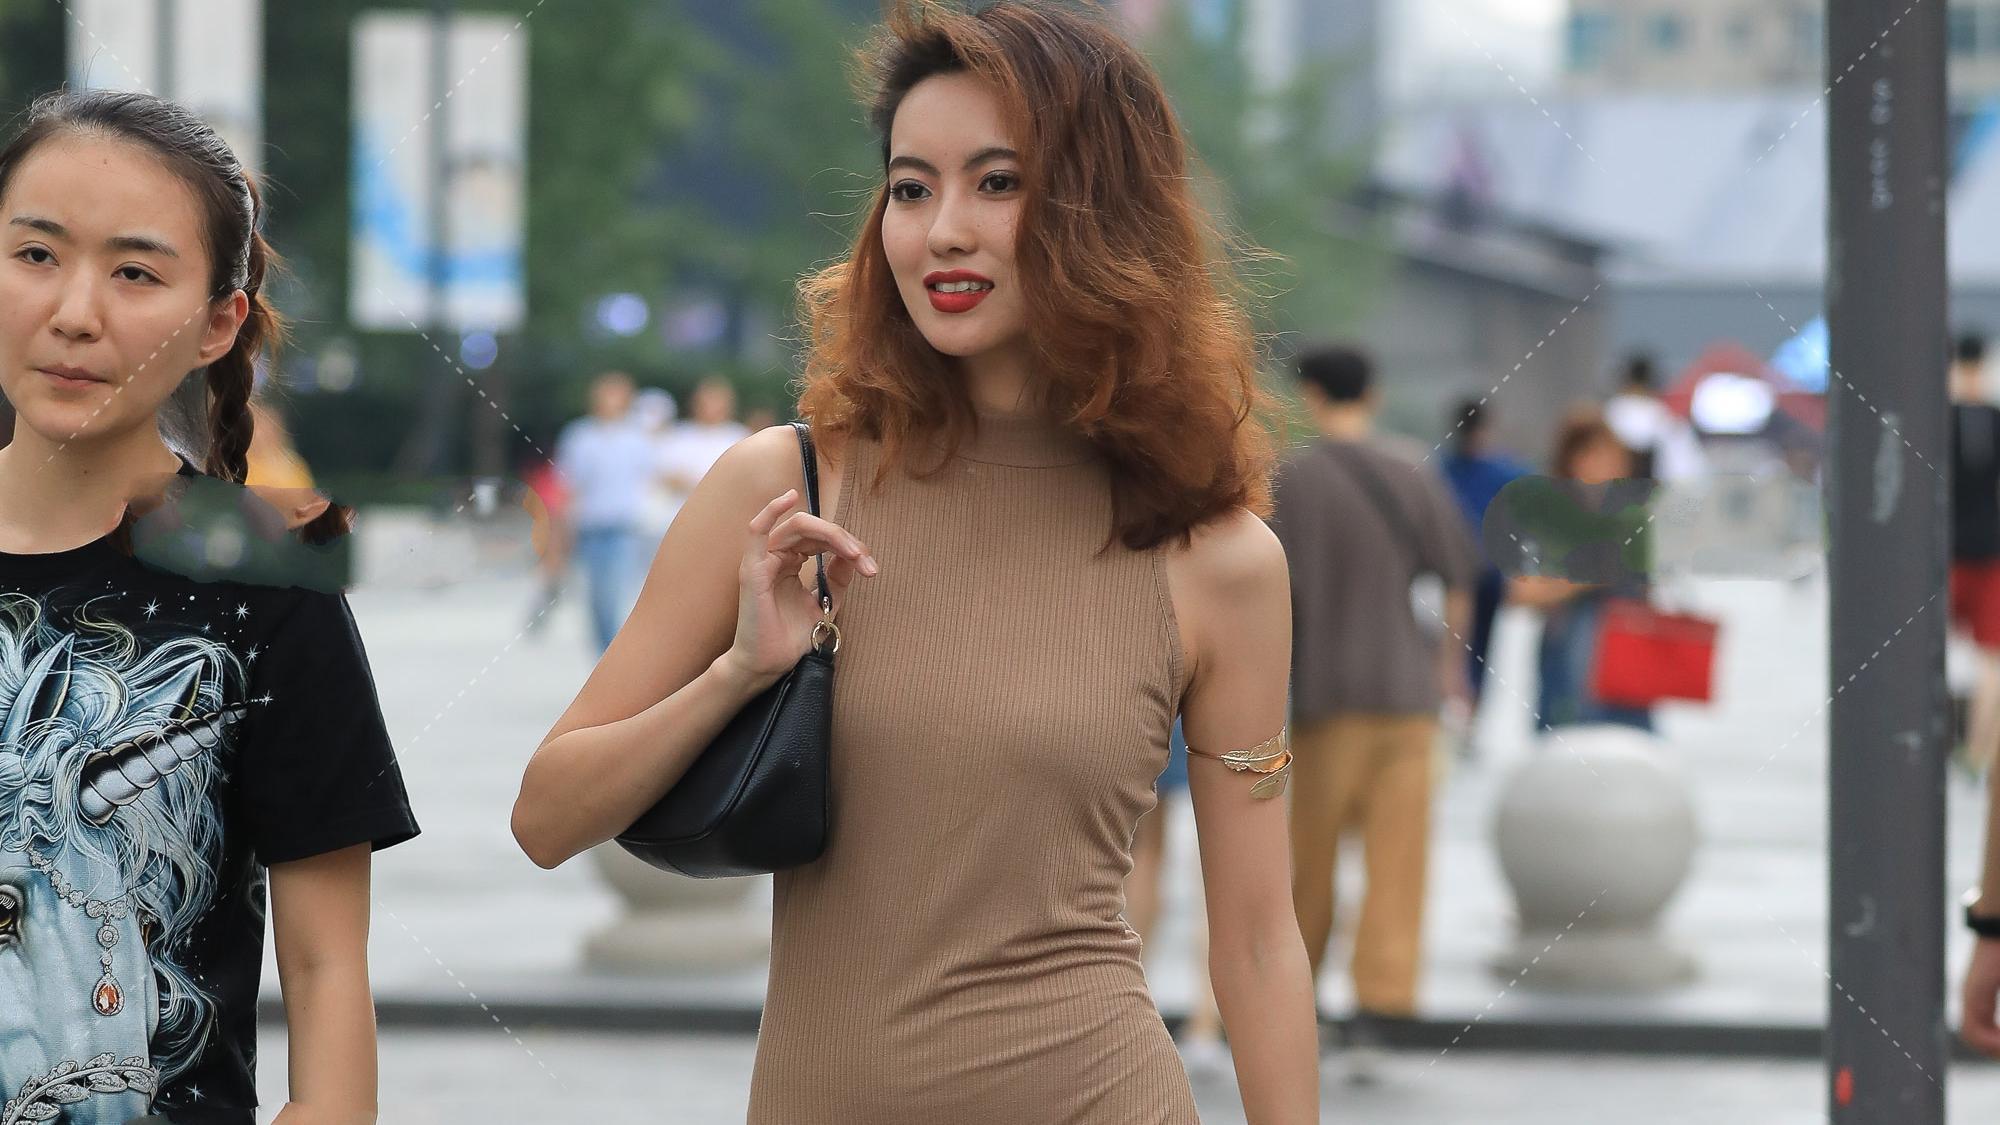 四季流行的驼色连衣裙,搭配对的鞋子,是最时髦的